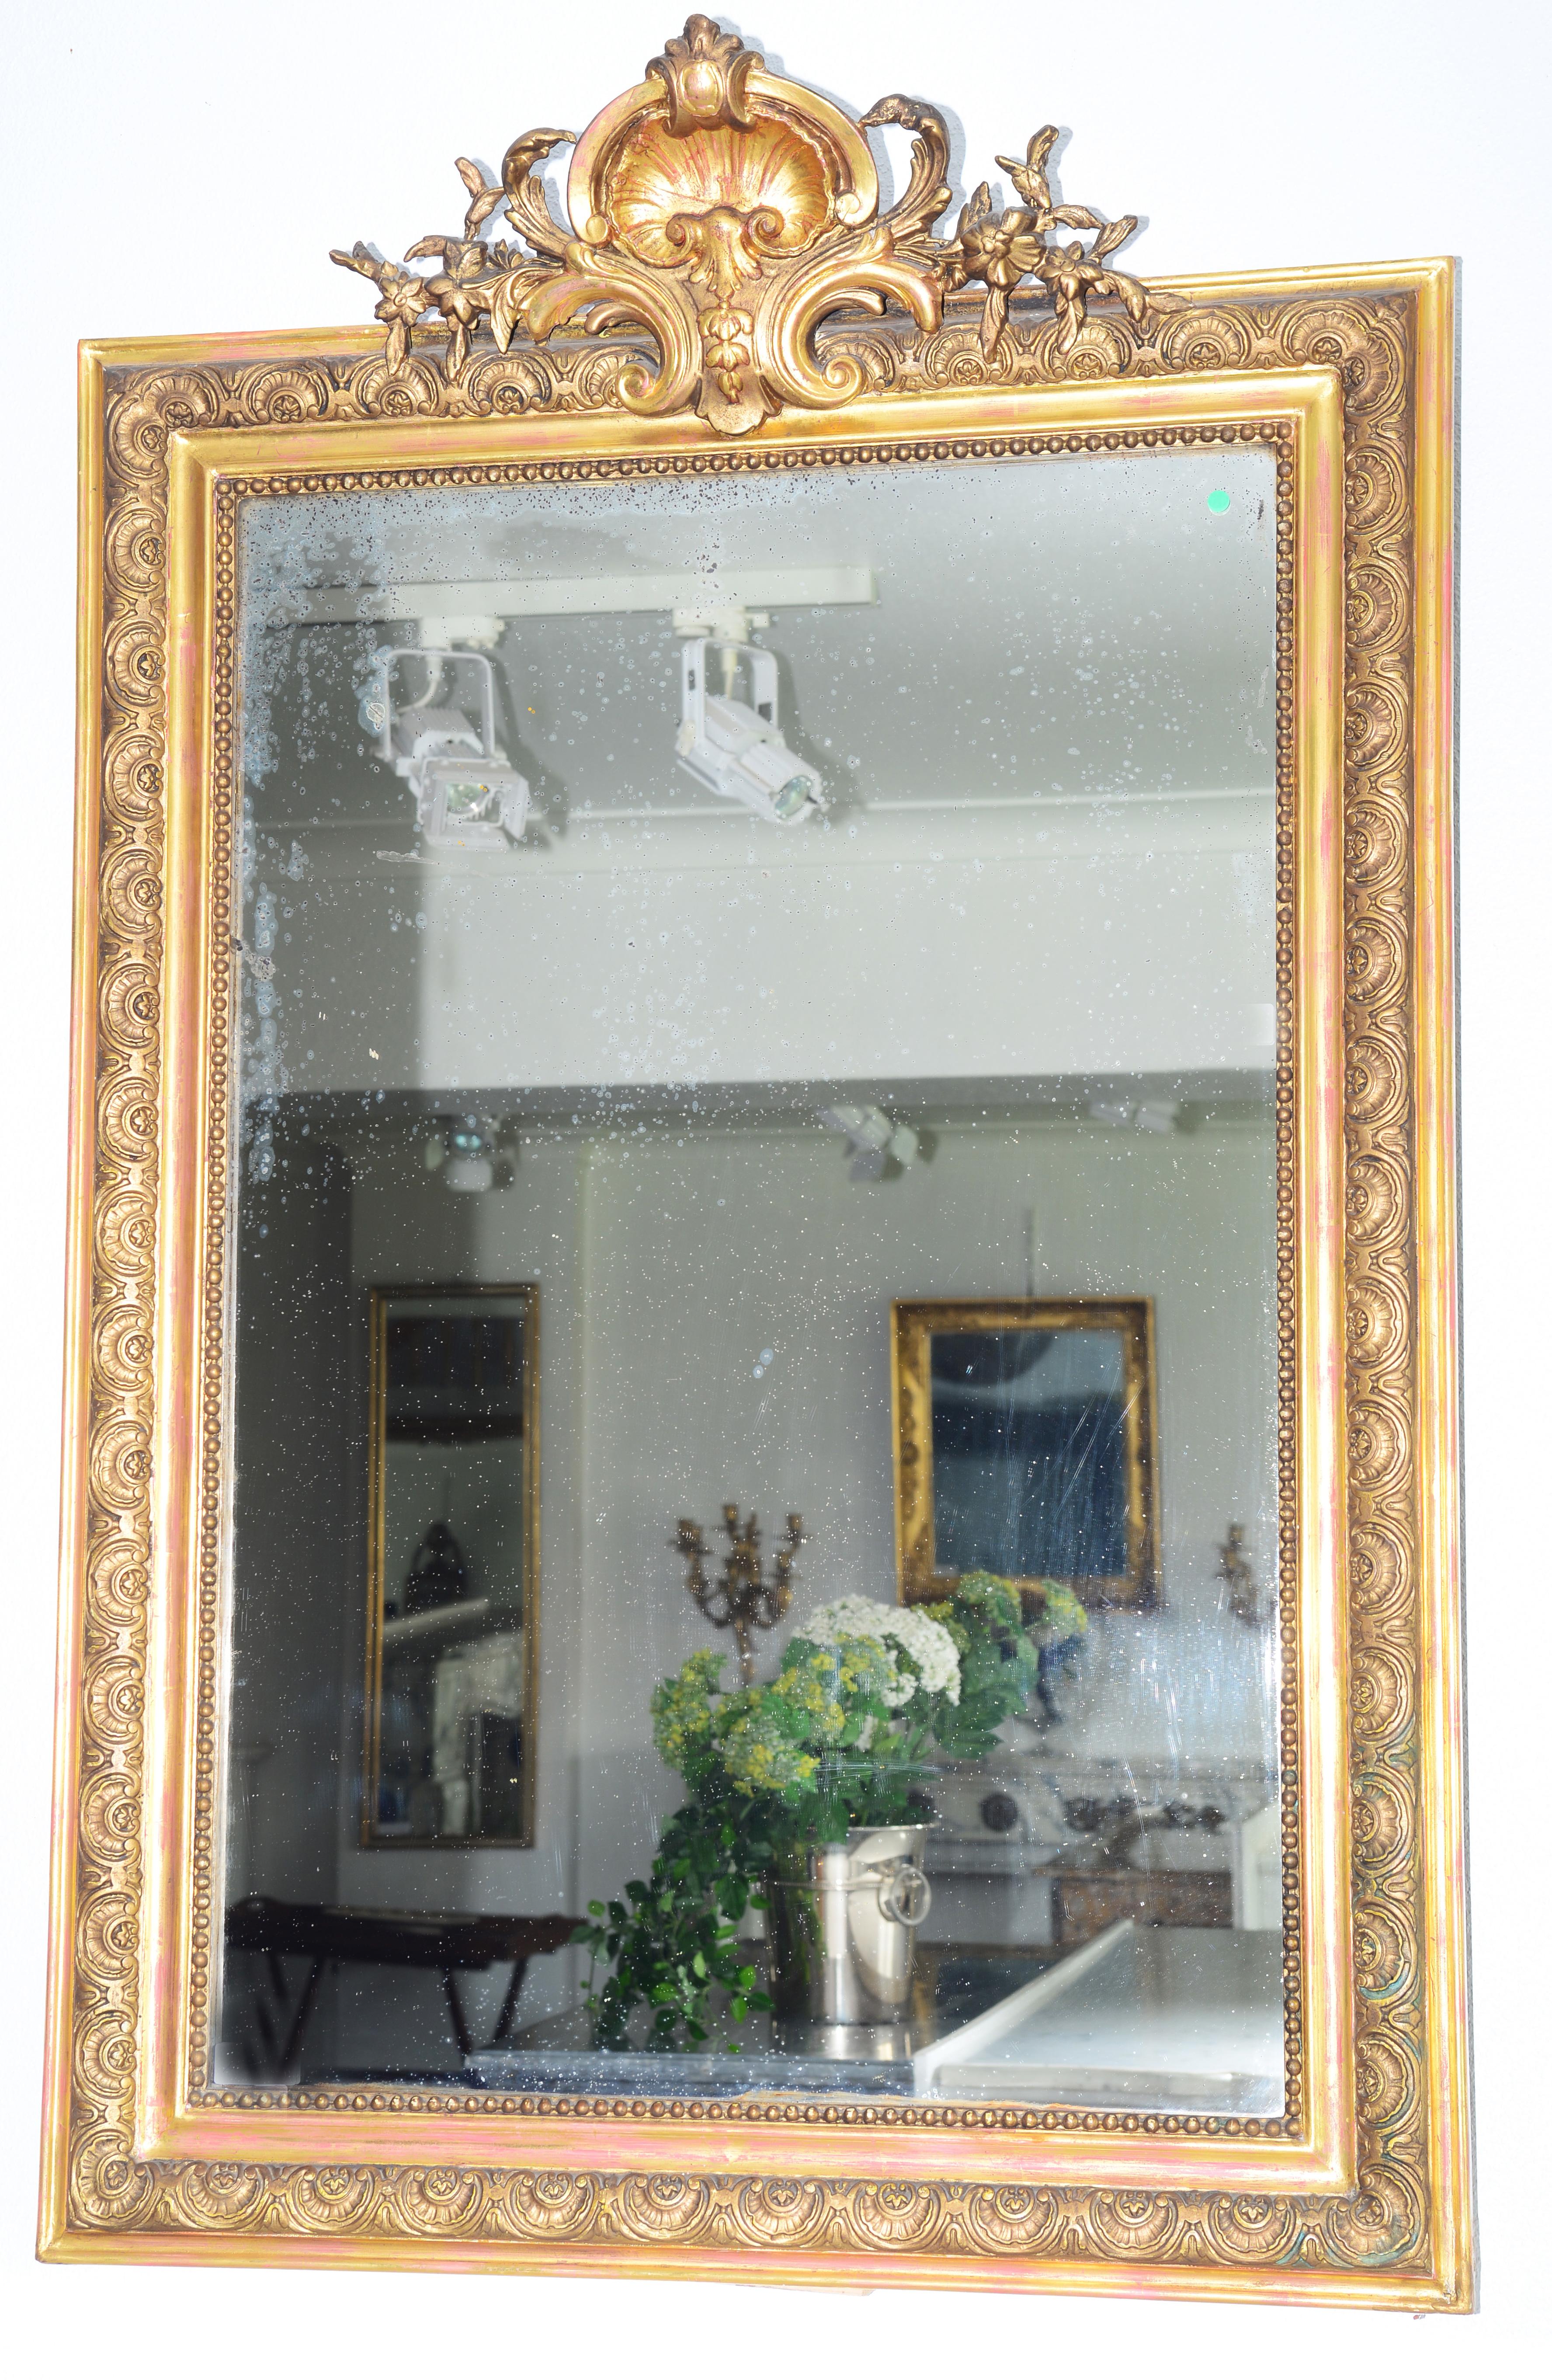 edler antiker wandspiegel polimentvergoldet oellers. Black Bedroom Furniture Sets. Home Design Ideas